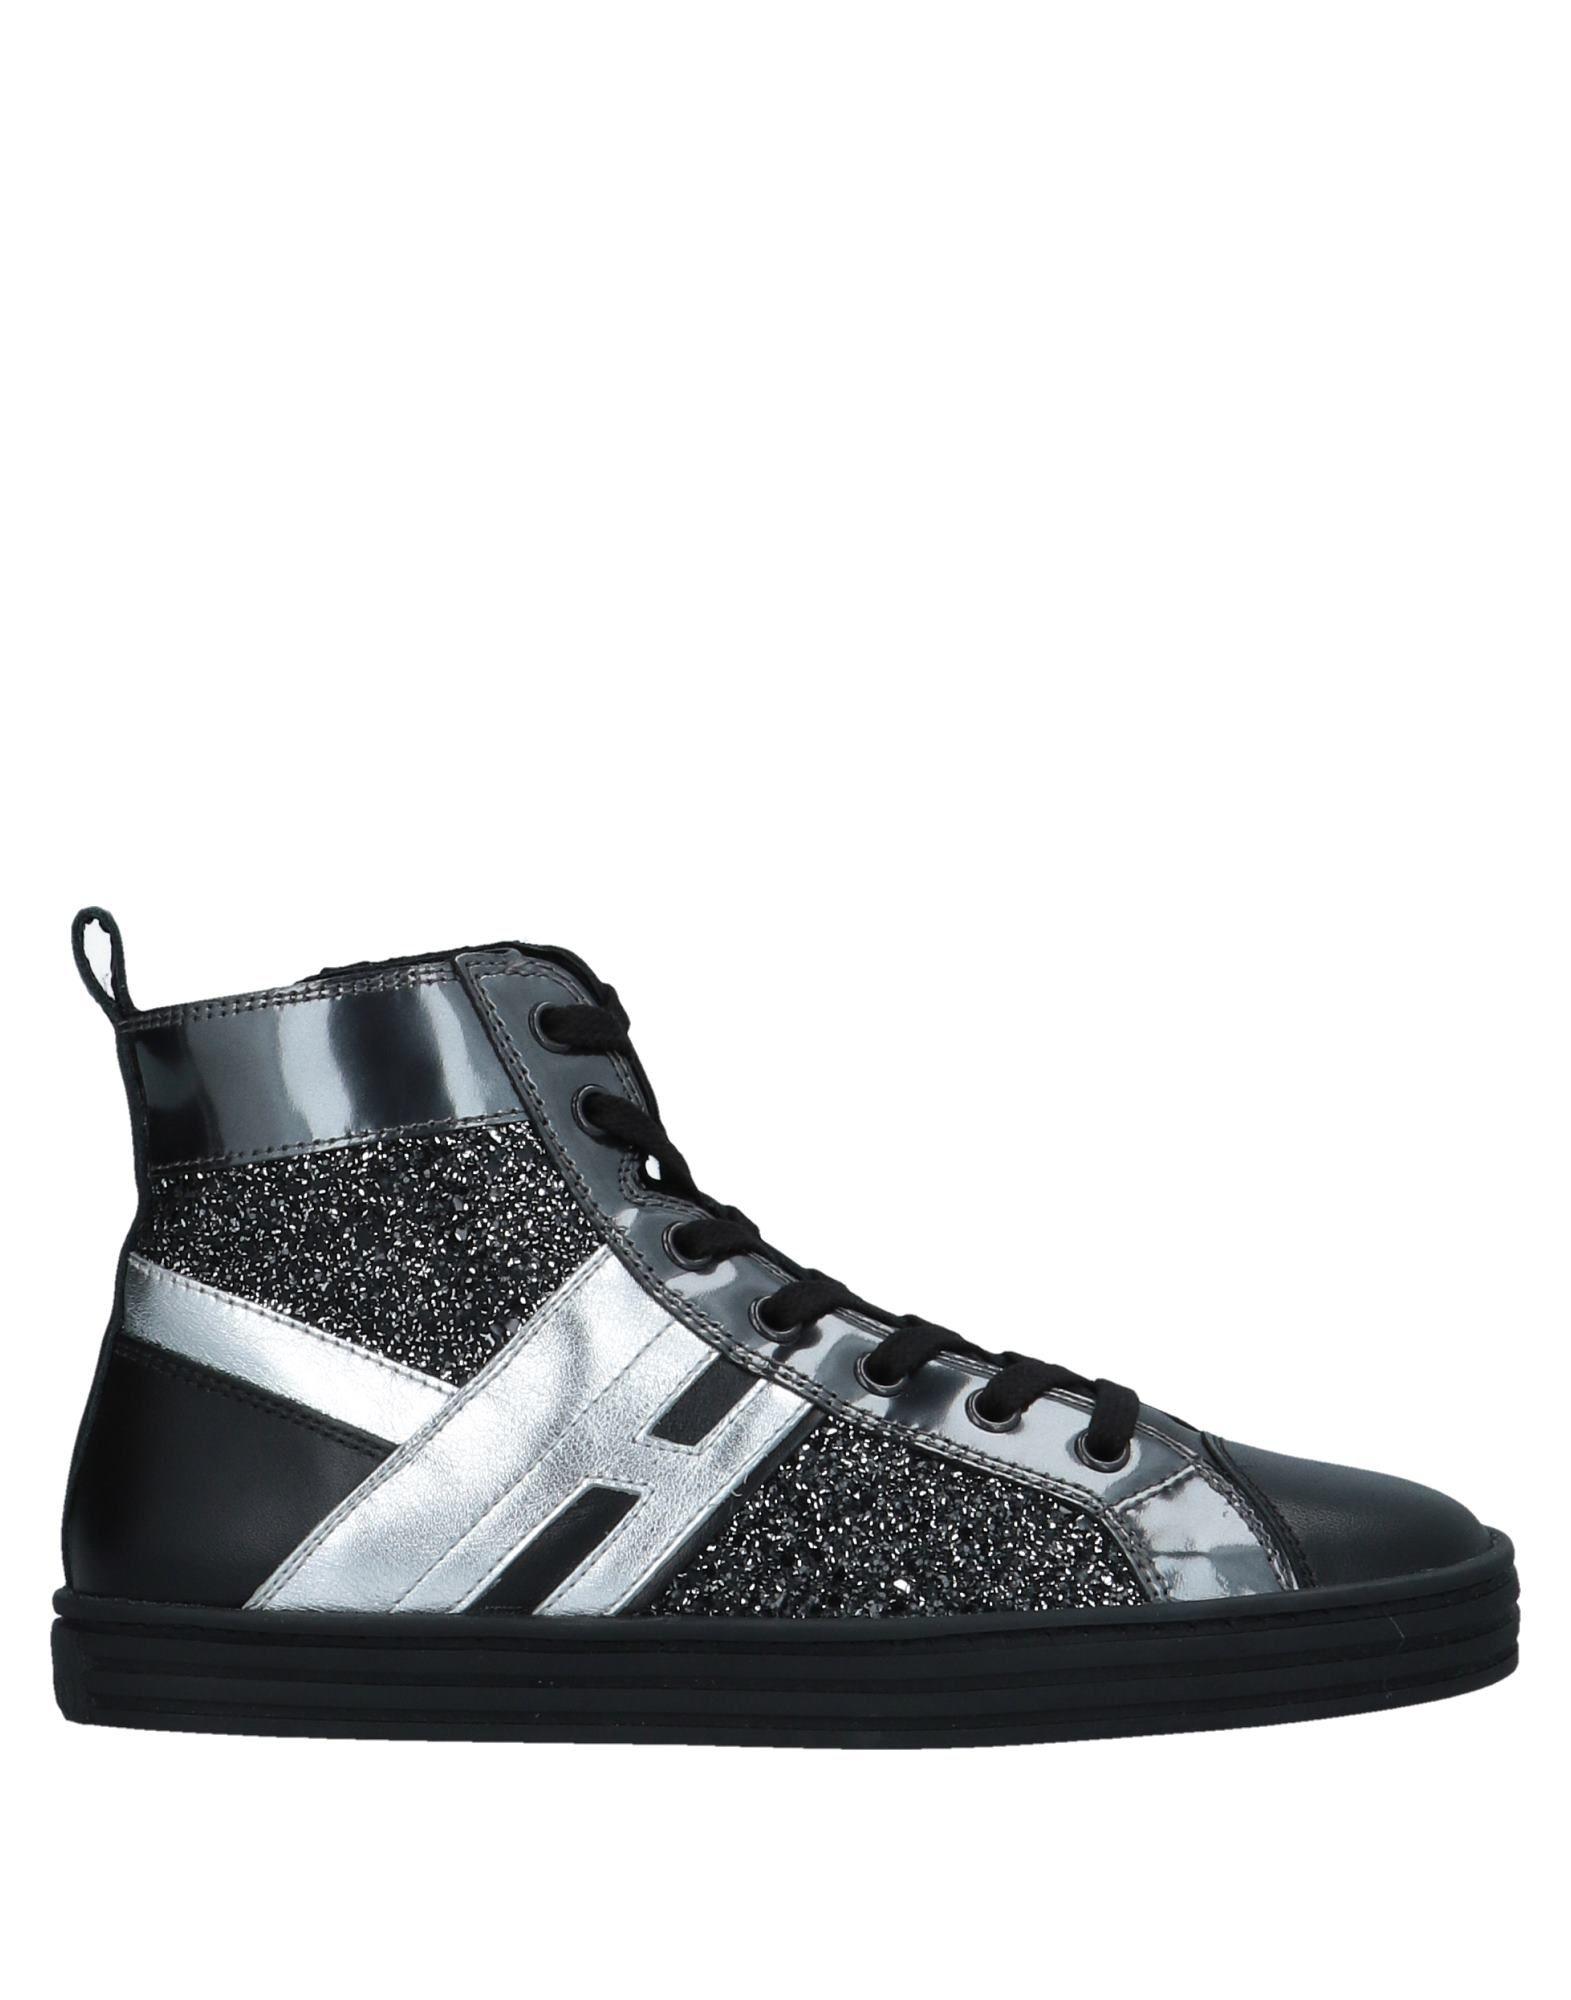 Zapatillas  Hogan Rebel Mujer - Zapatillas Hogan Rebel  Zapatillas Negro e03fba